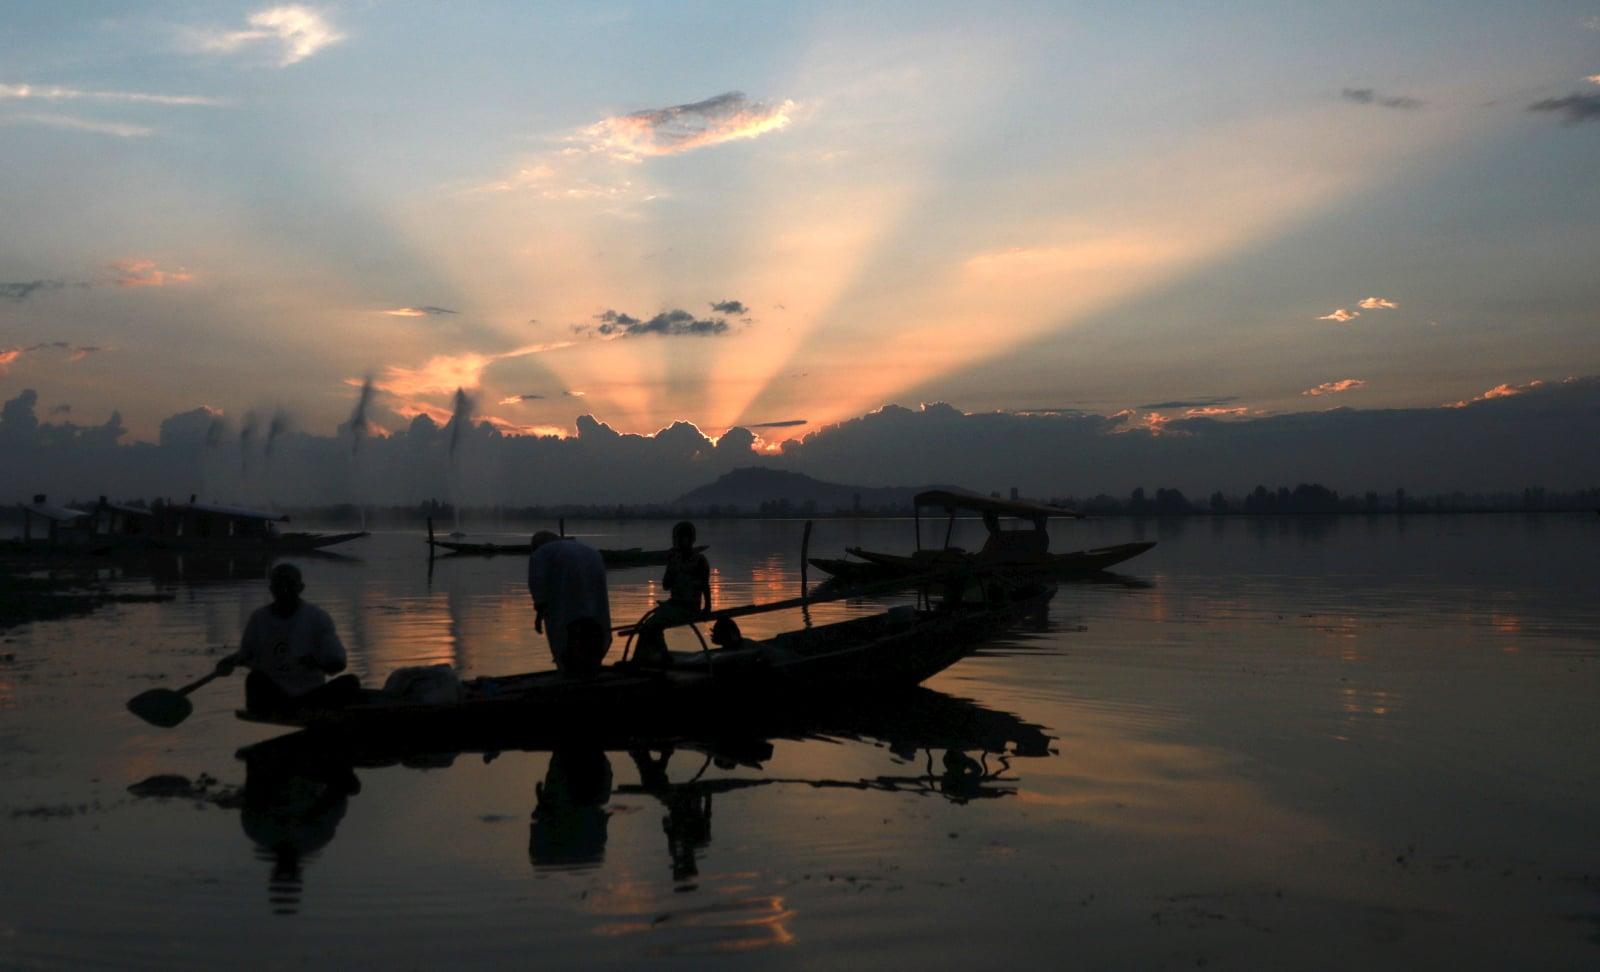 Piękny zachód słońca w Srinagar, letniej stolicy Indian, Kaszmir, fot. EPA/FAROOQ KHAN